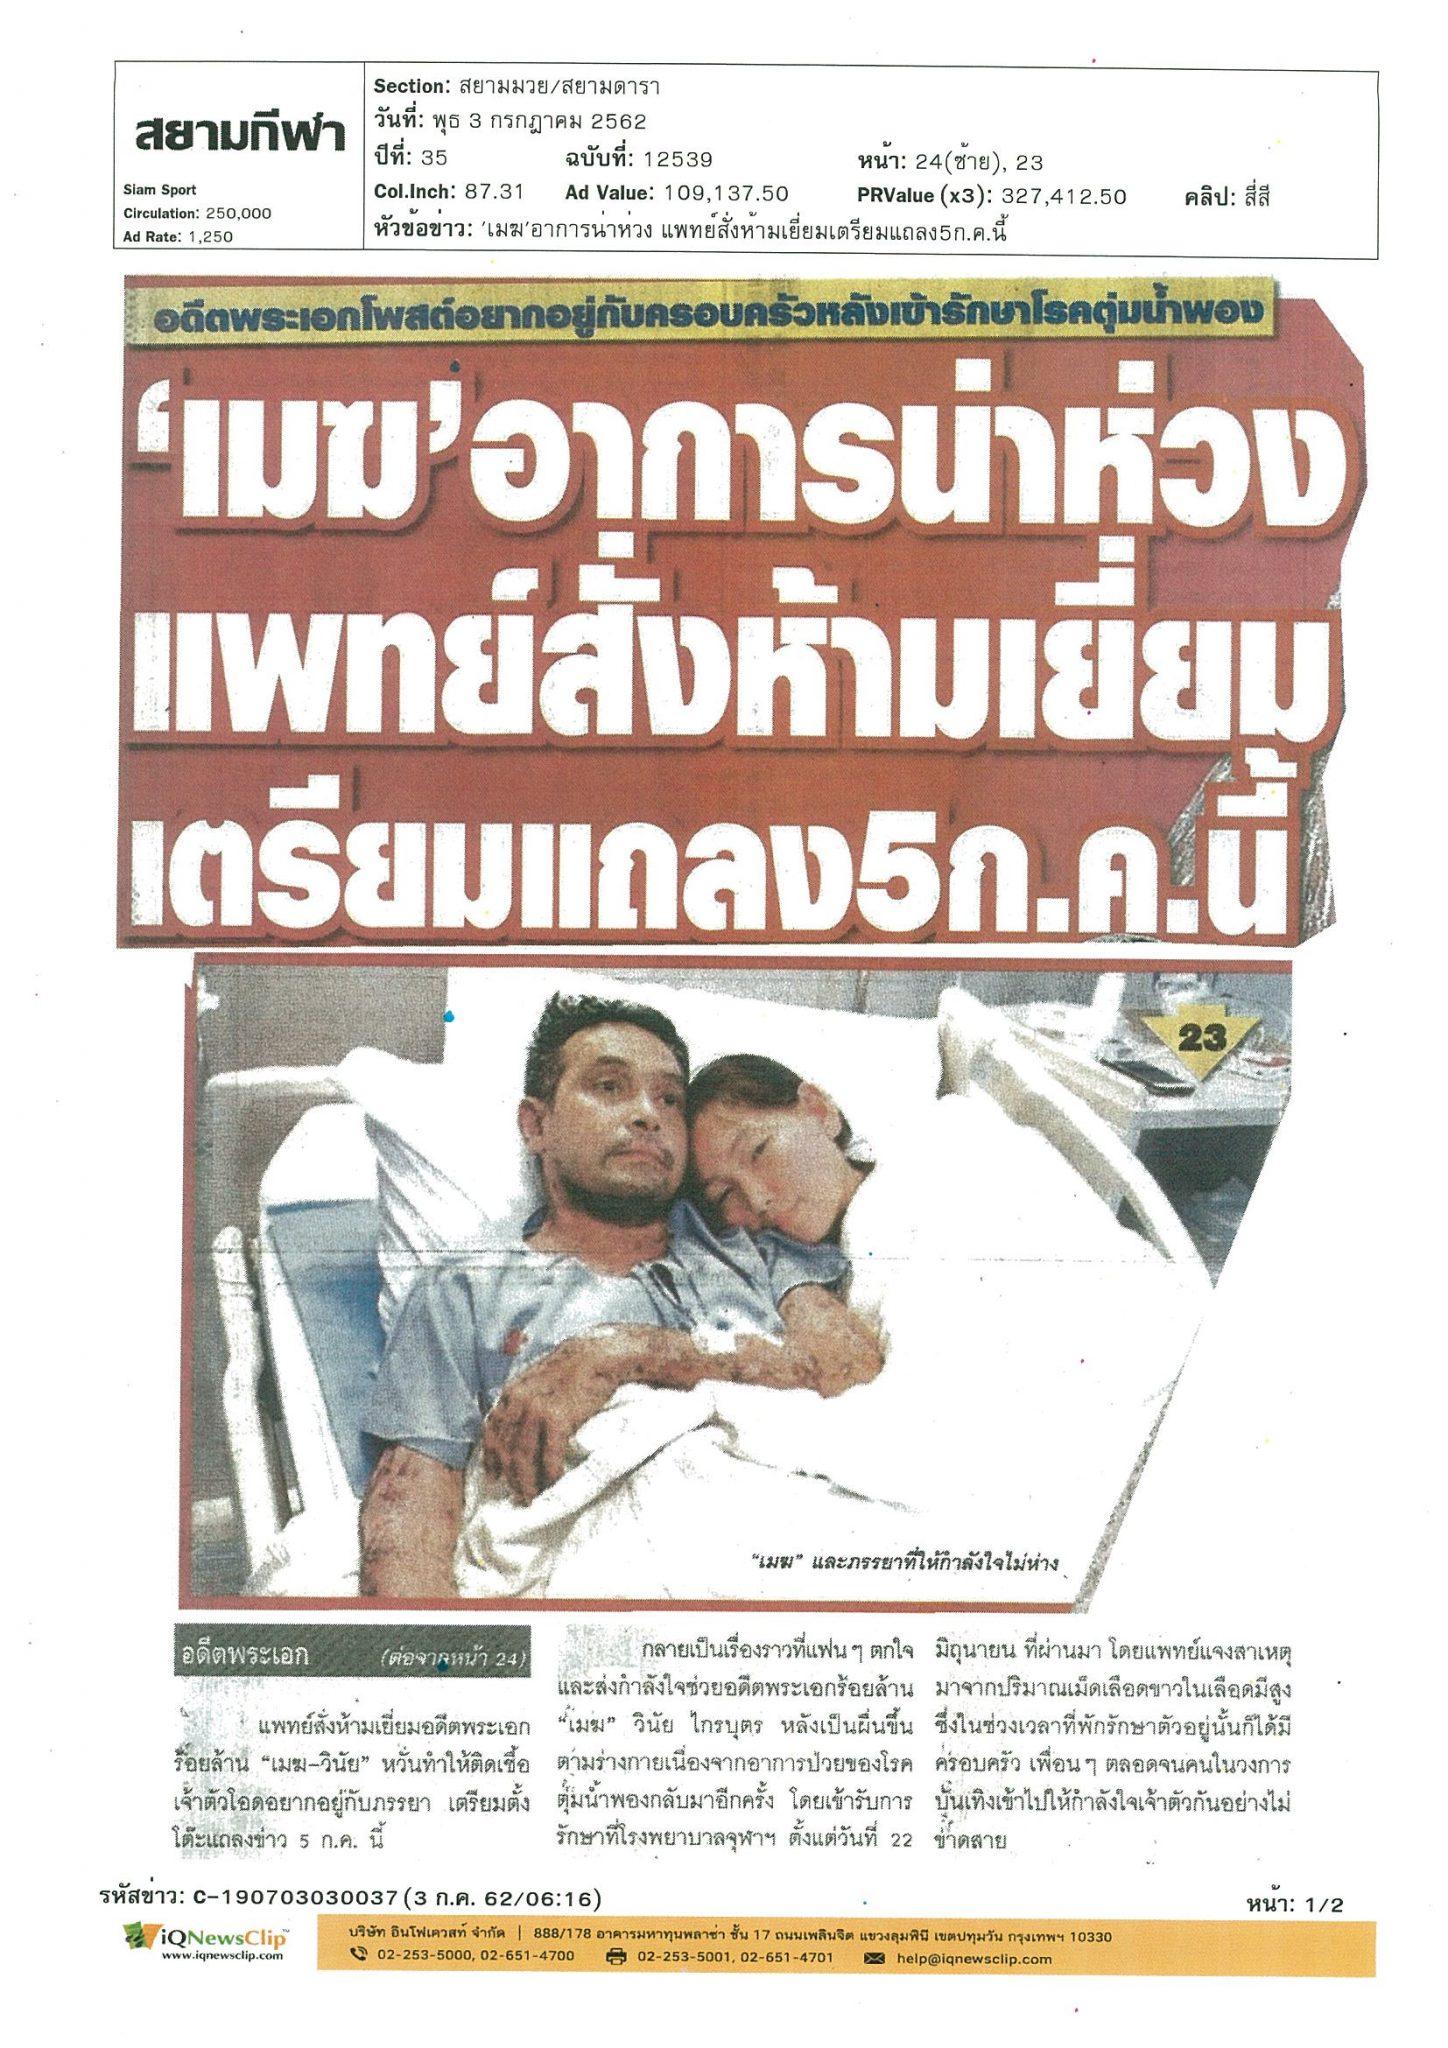 เมฆ-วินัย ไกรบุตร เข้ารับการรักษาโรคตุ่มน้ำพองกำเริบ รพ.จุฬา